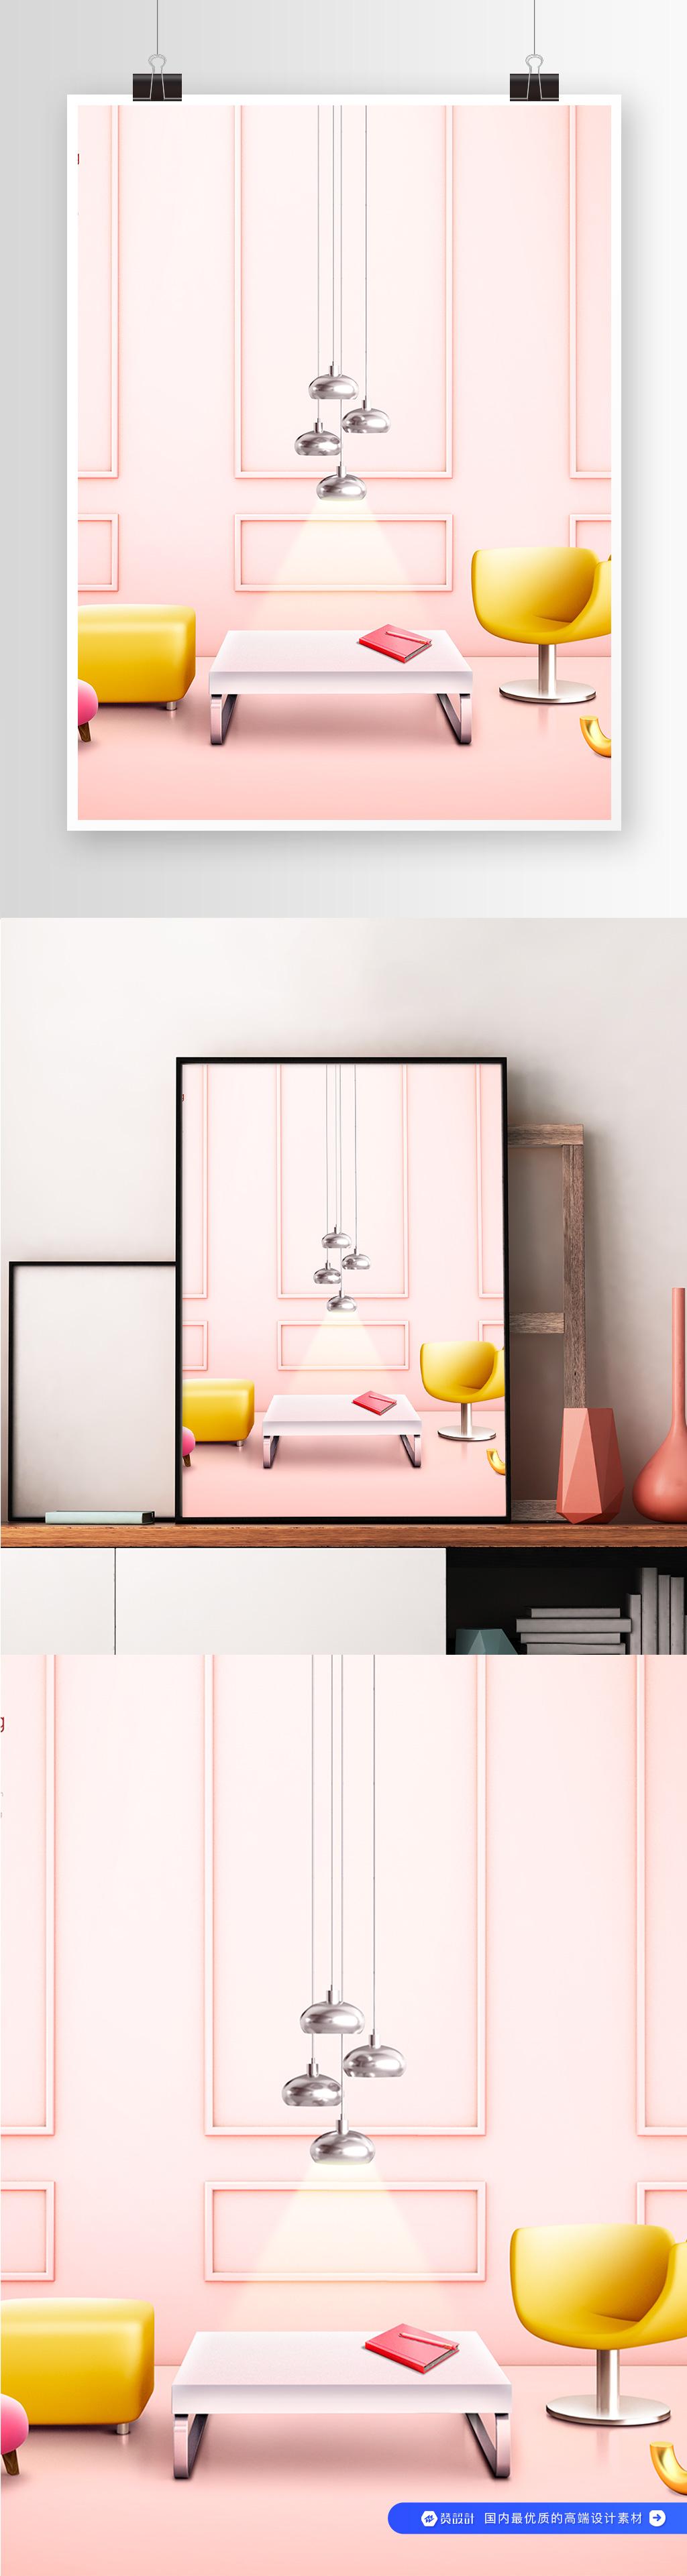 室内海报素材(5)